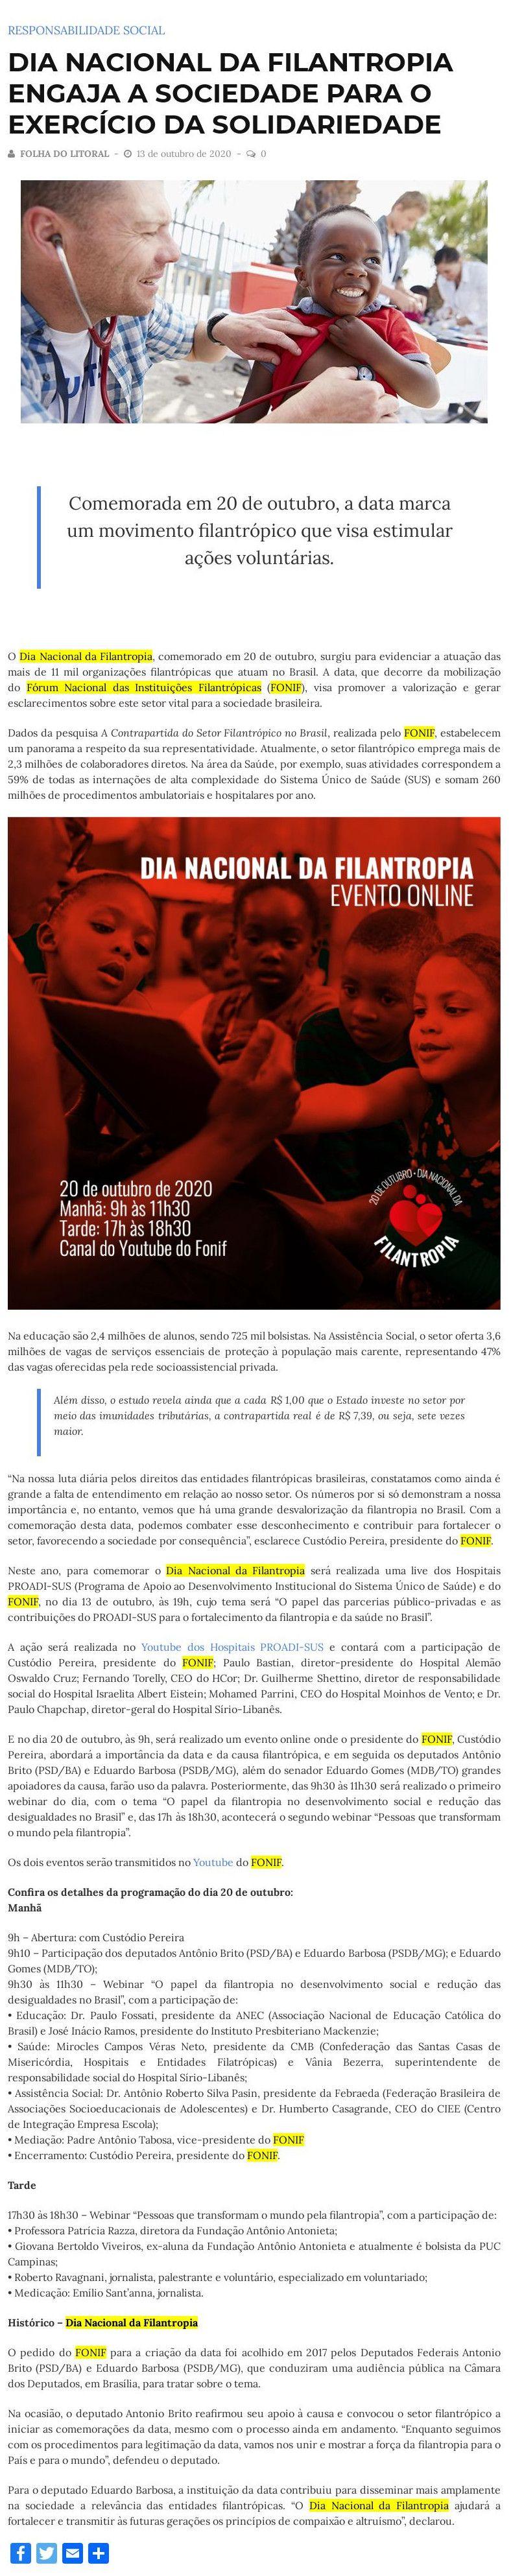 Dia Nacional da Filantropia engaja a sociedade para o exercício da solidariedade Folha do Litoral de Balneário Camboriú